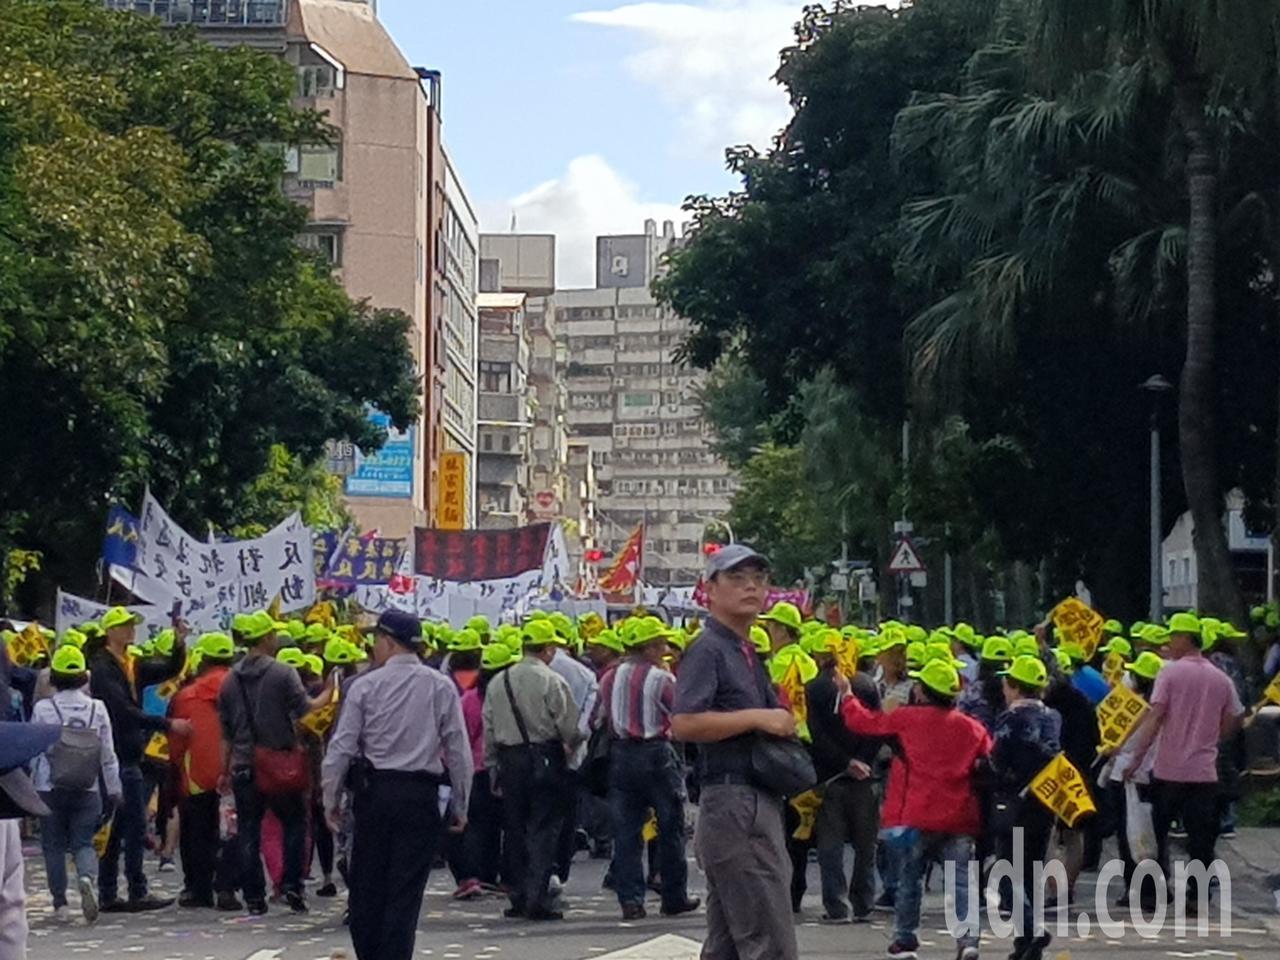 漁民今北上抗議,中午在農委會表達訴求、撒冥紙後,轉往立法院。記者彭宣雅/攝影